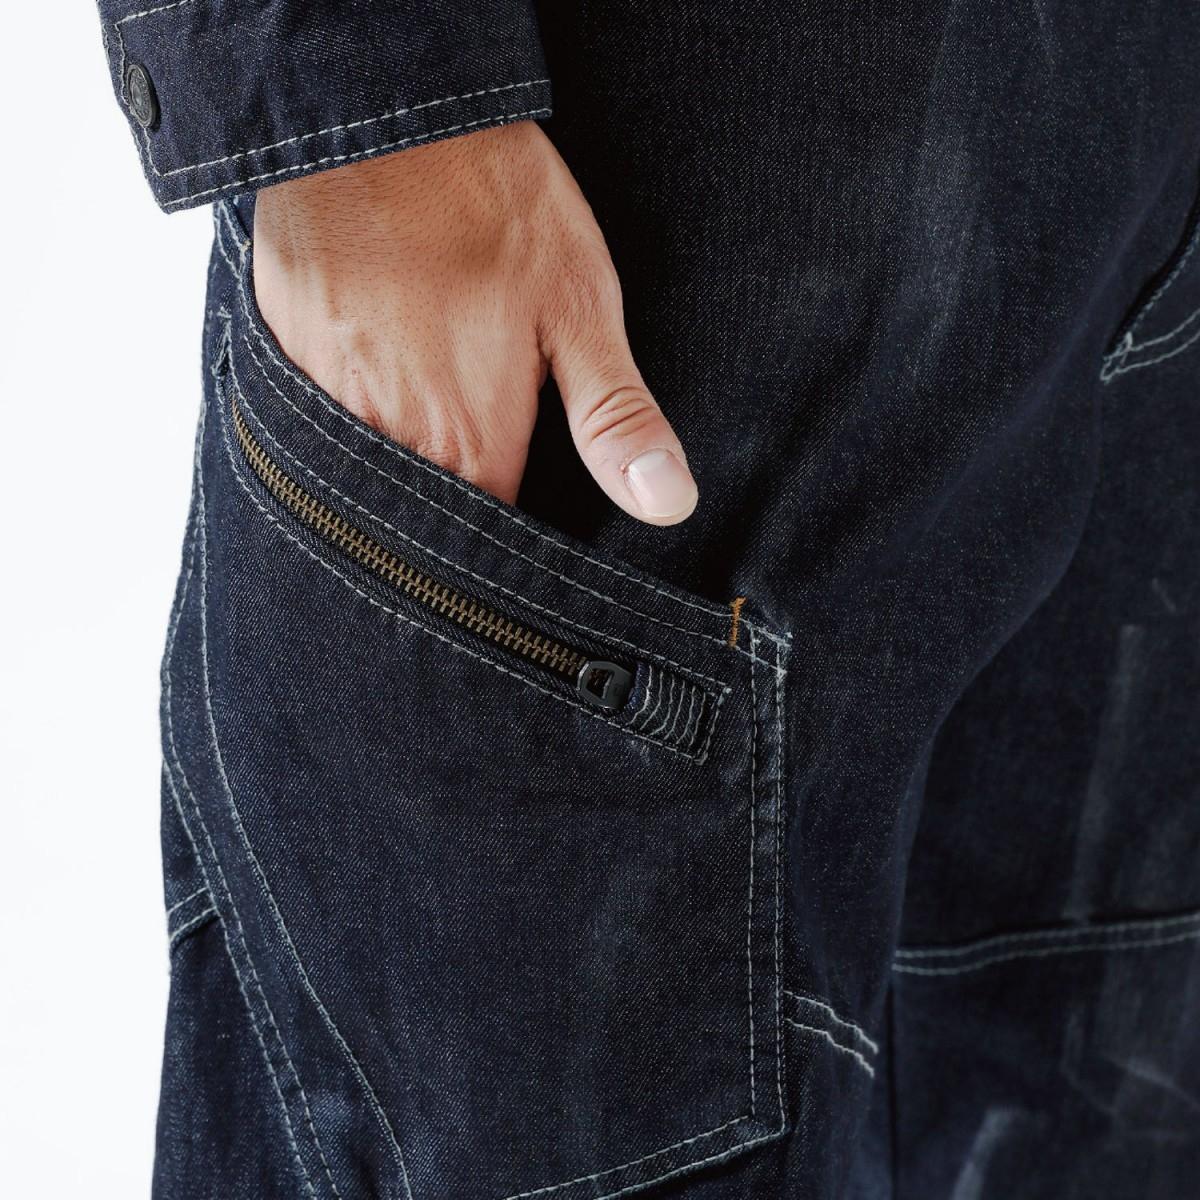 TS DESIGN 5114 カーゴパンツ ¥3,990(税込)クイックポケット。道具の出し入れが便利です。